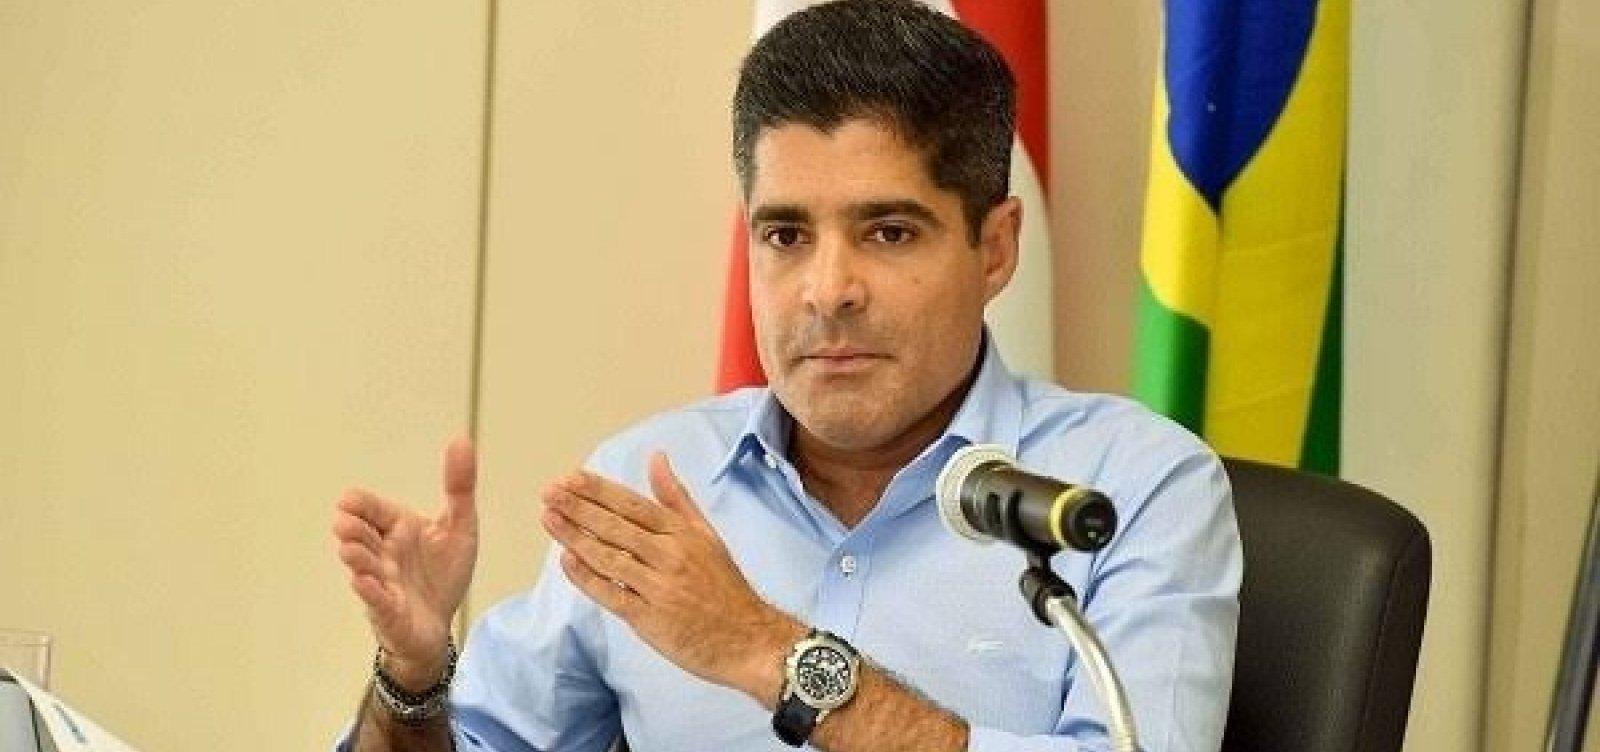 [Entre cortes e contigenciamento, prefeitura de Salvador já economizou R$ 300 milhões]